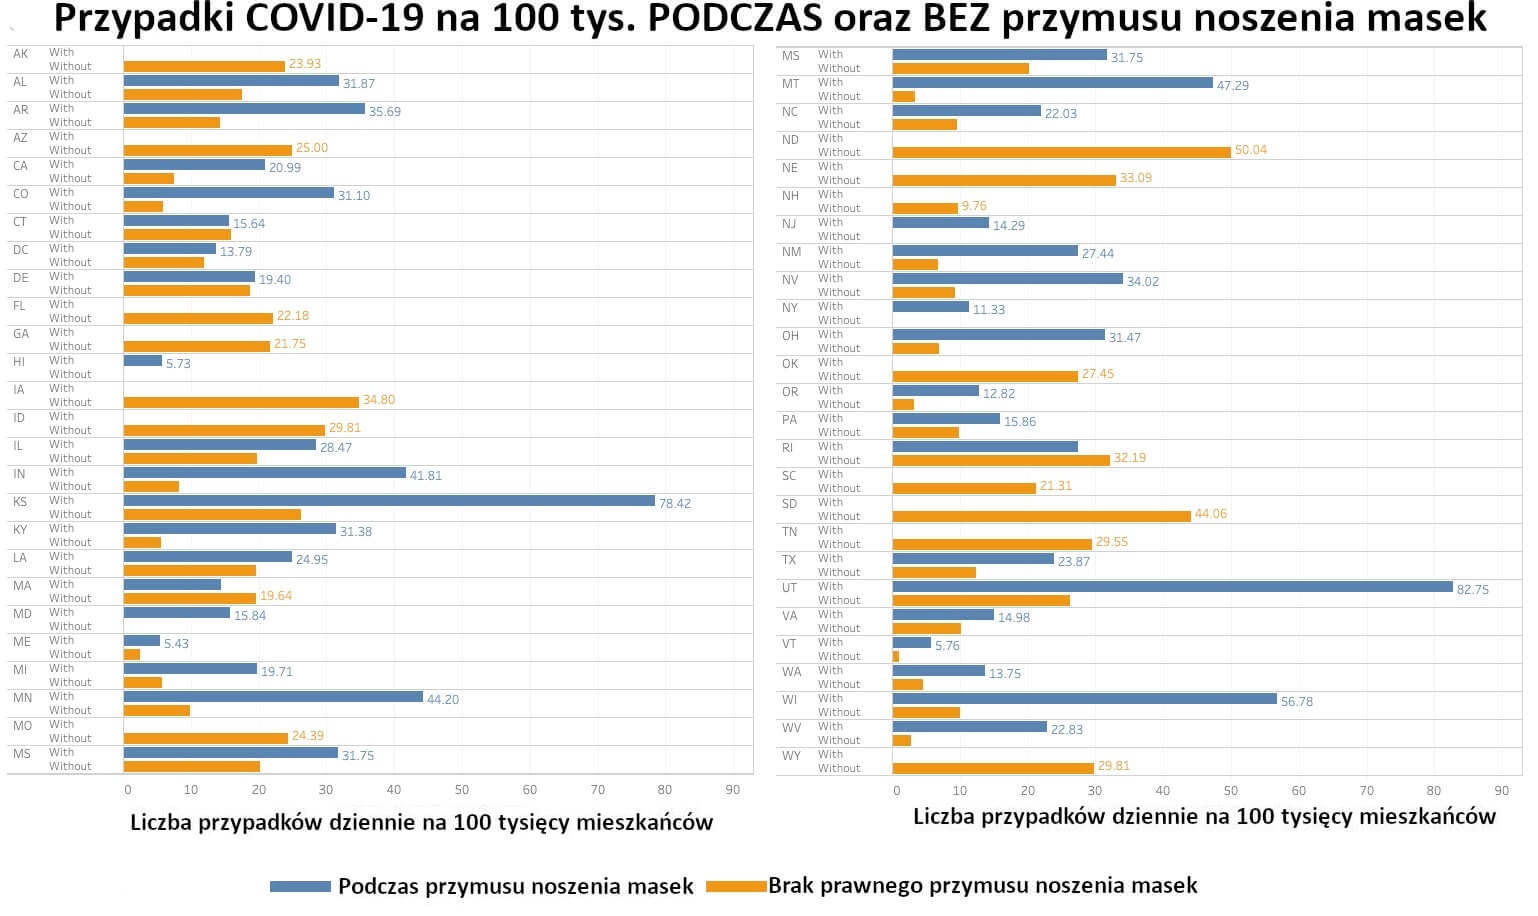 Przypadki COVID-19 na 100 tys. podczas oraz bez przymusu noszenia masek.